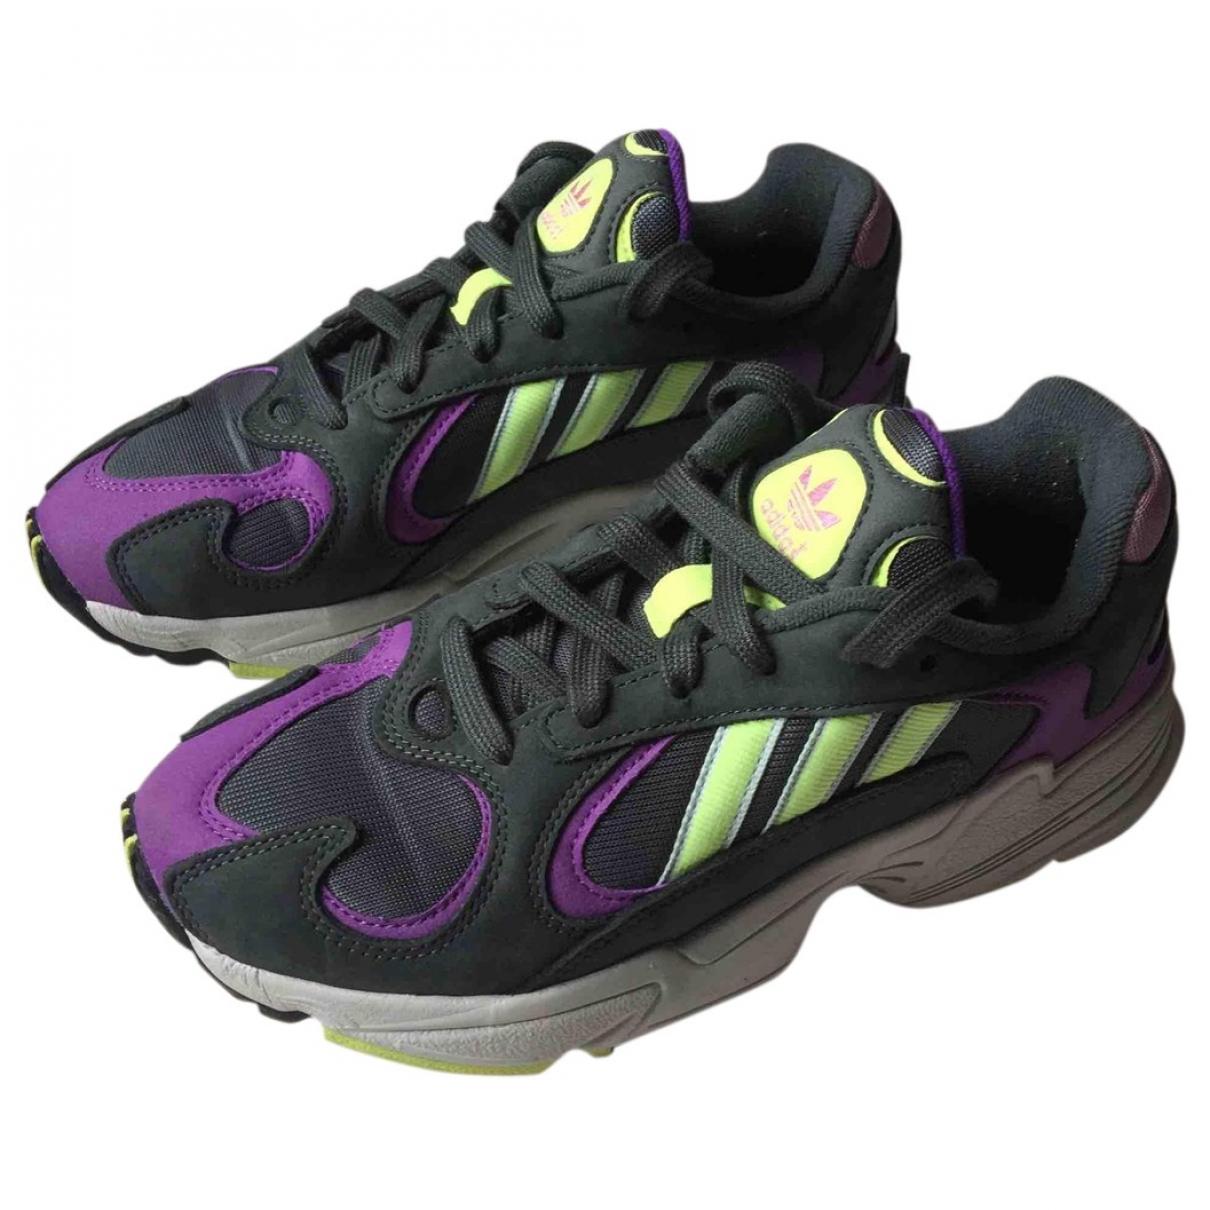 Adidas - Baskets Yung-1 pour femme en suede - multicolore